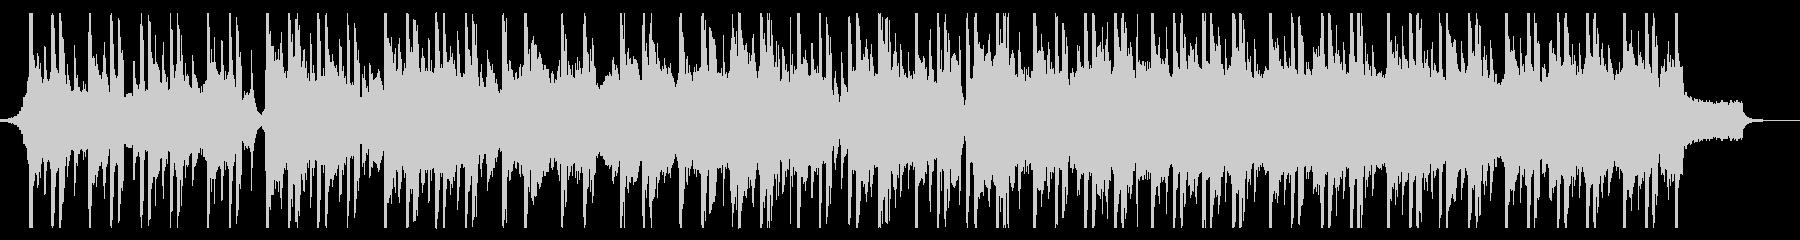 ダークでゆったりとしたヒップホップの未再生の波形